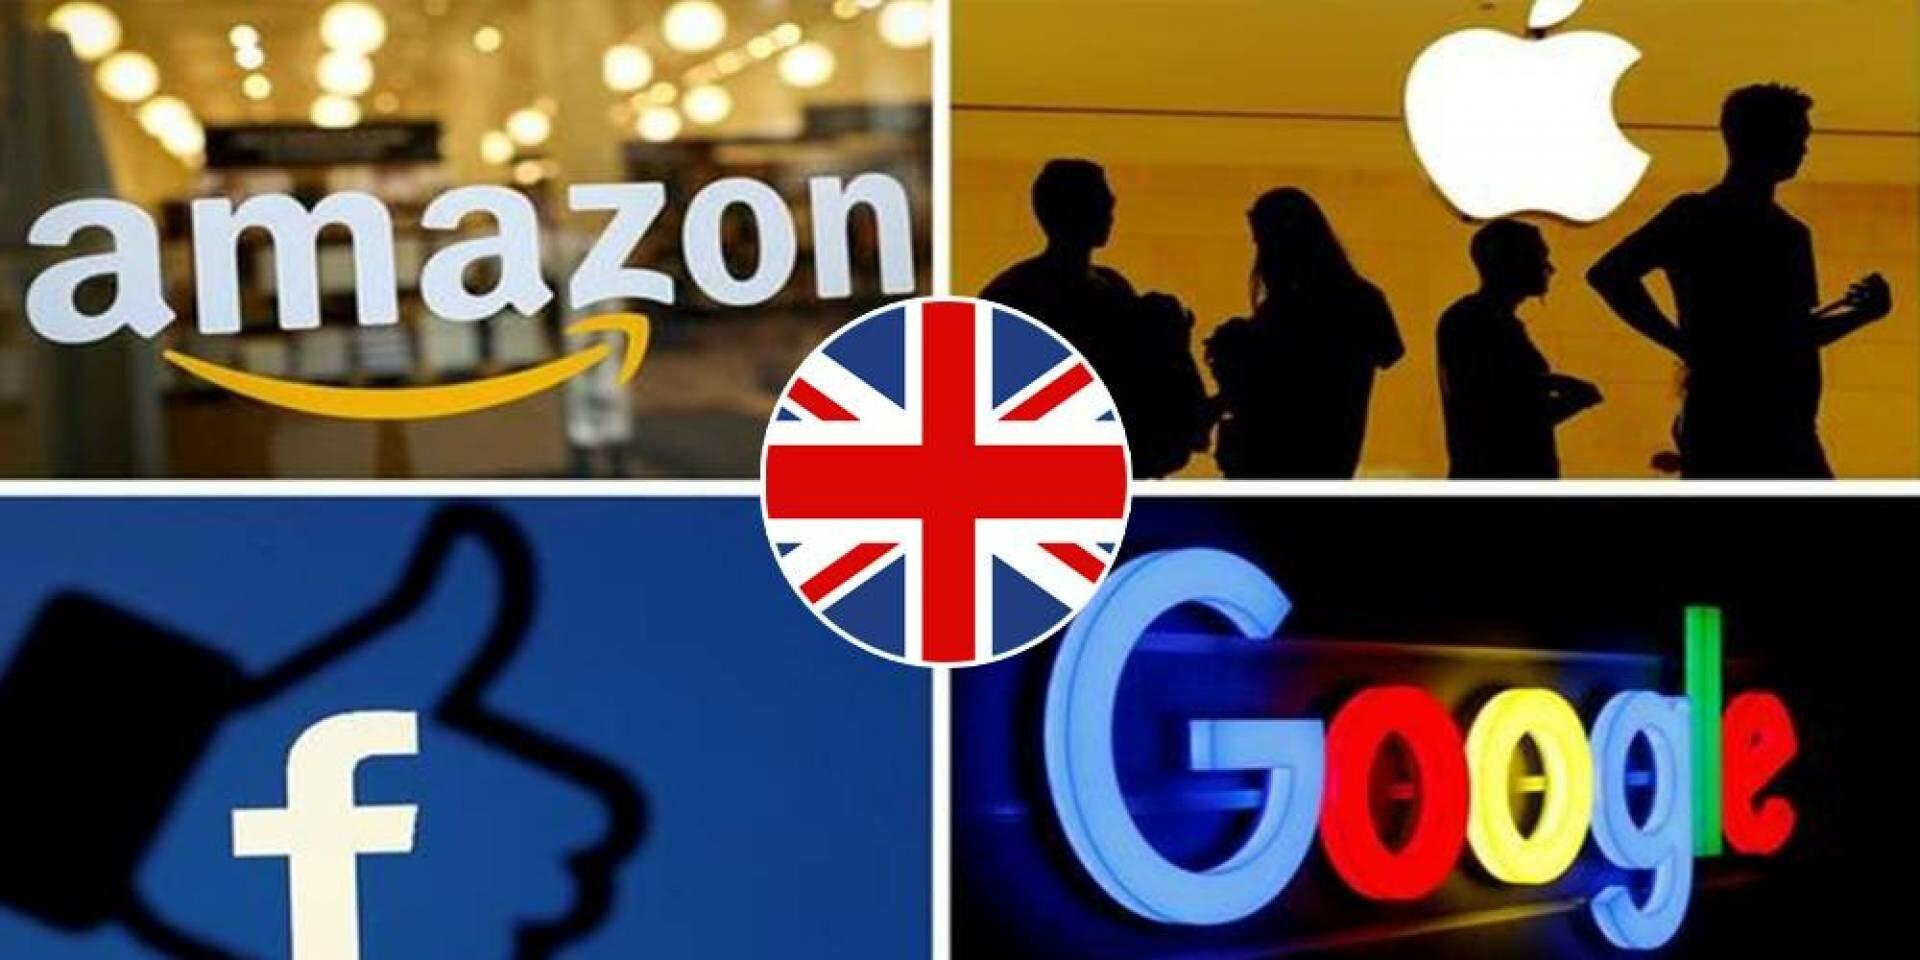 غرامات بالمليارات لشركات التكنولوجيا الكبرى في بريطانيا